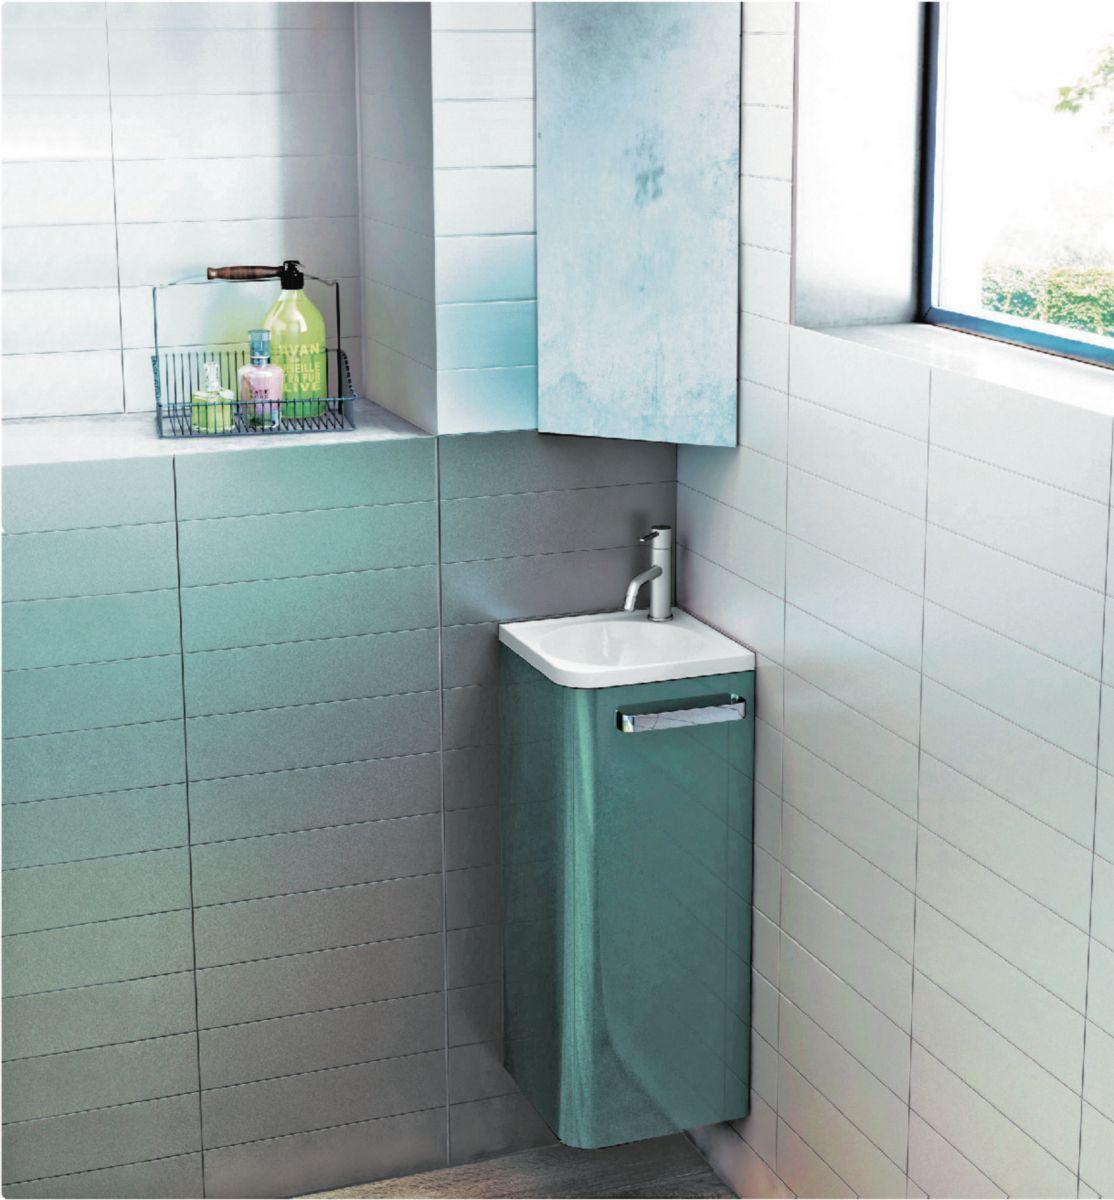 Meuble Lave Mains D Angle Jazz 30 5 X 30 5 X 75 Cm Laque Ref 1812551 Trash Can Tall Trash Can Small Trash Can